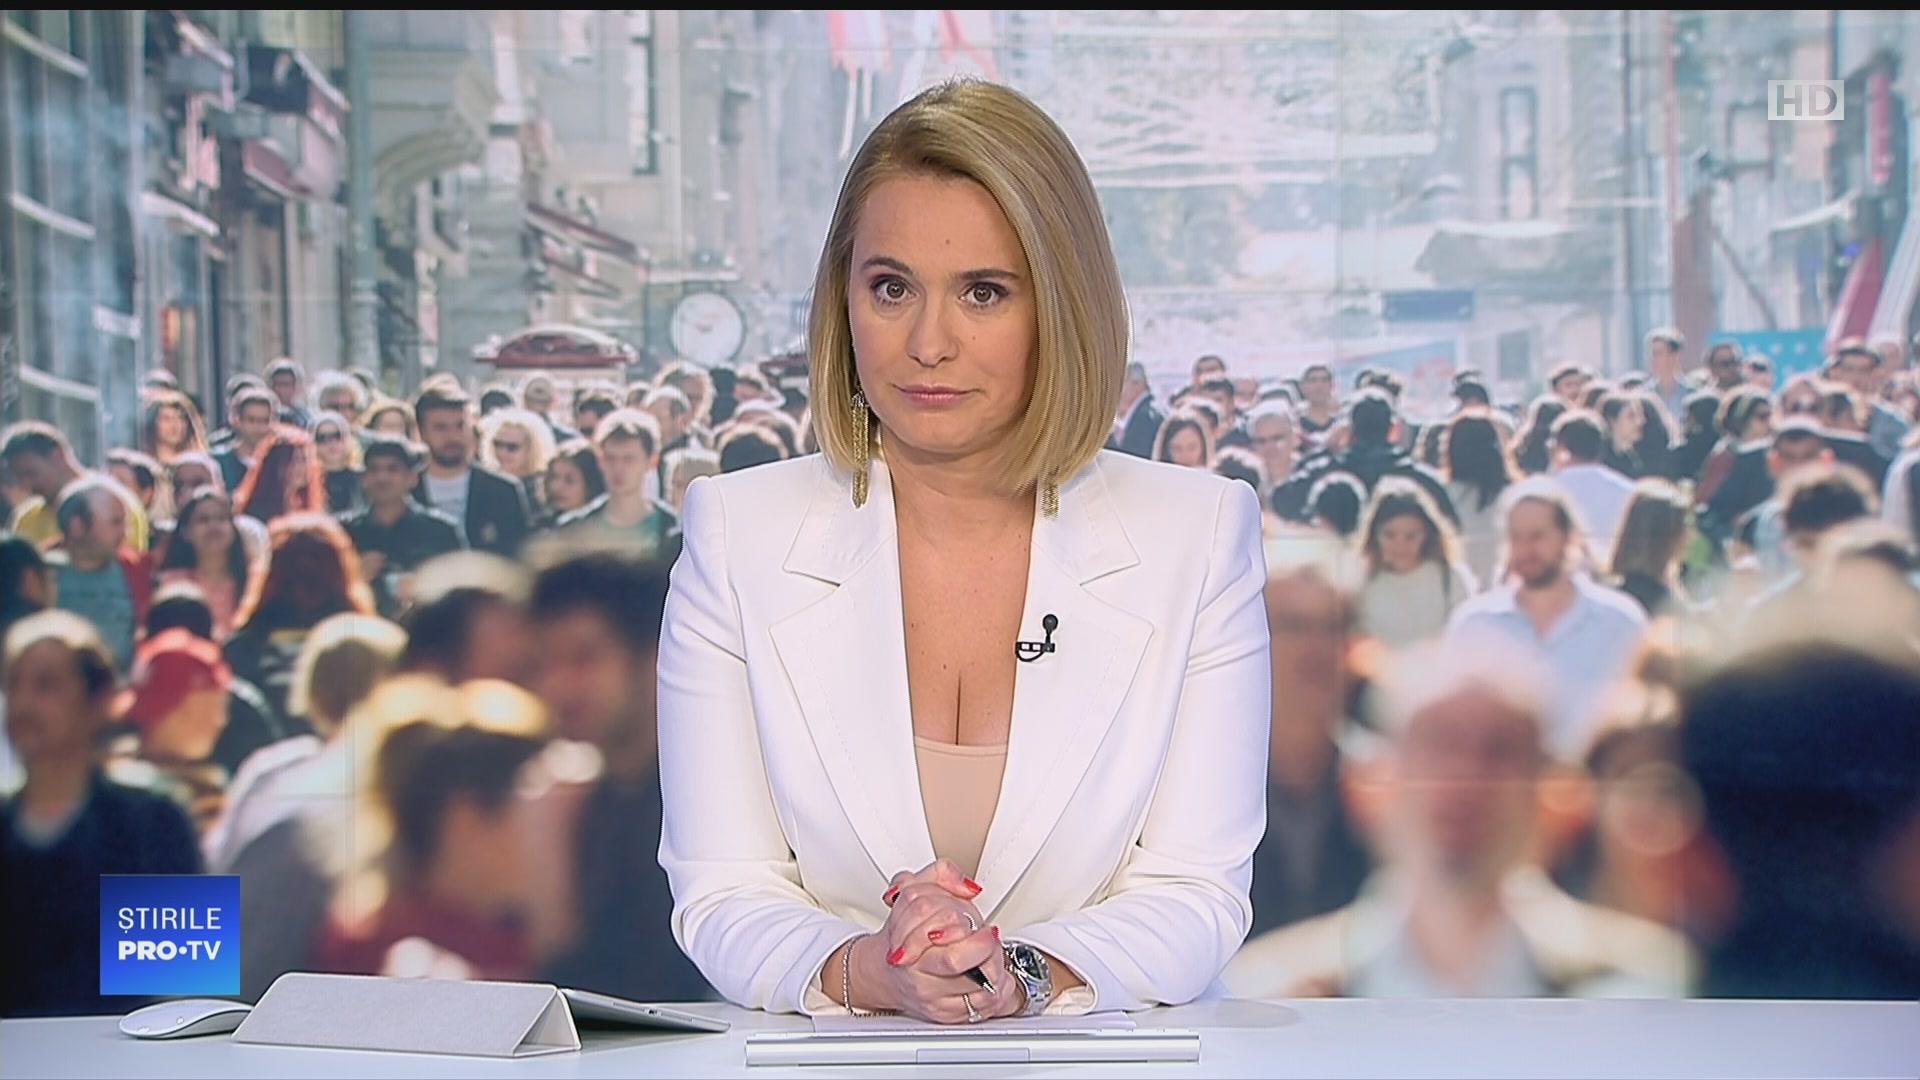 Știrile Pro TV cu Andreea Esca